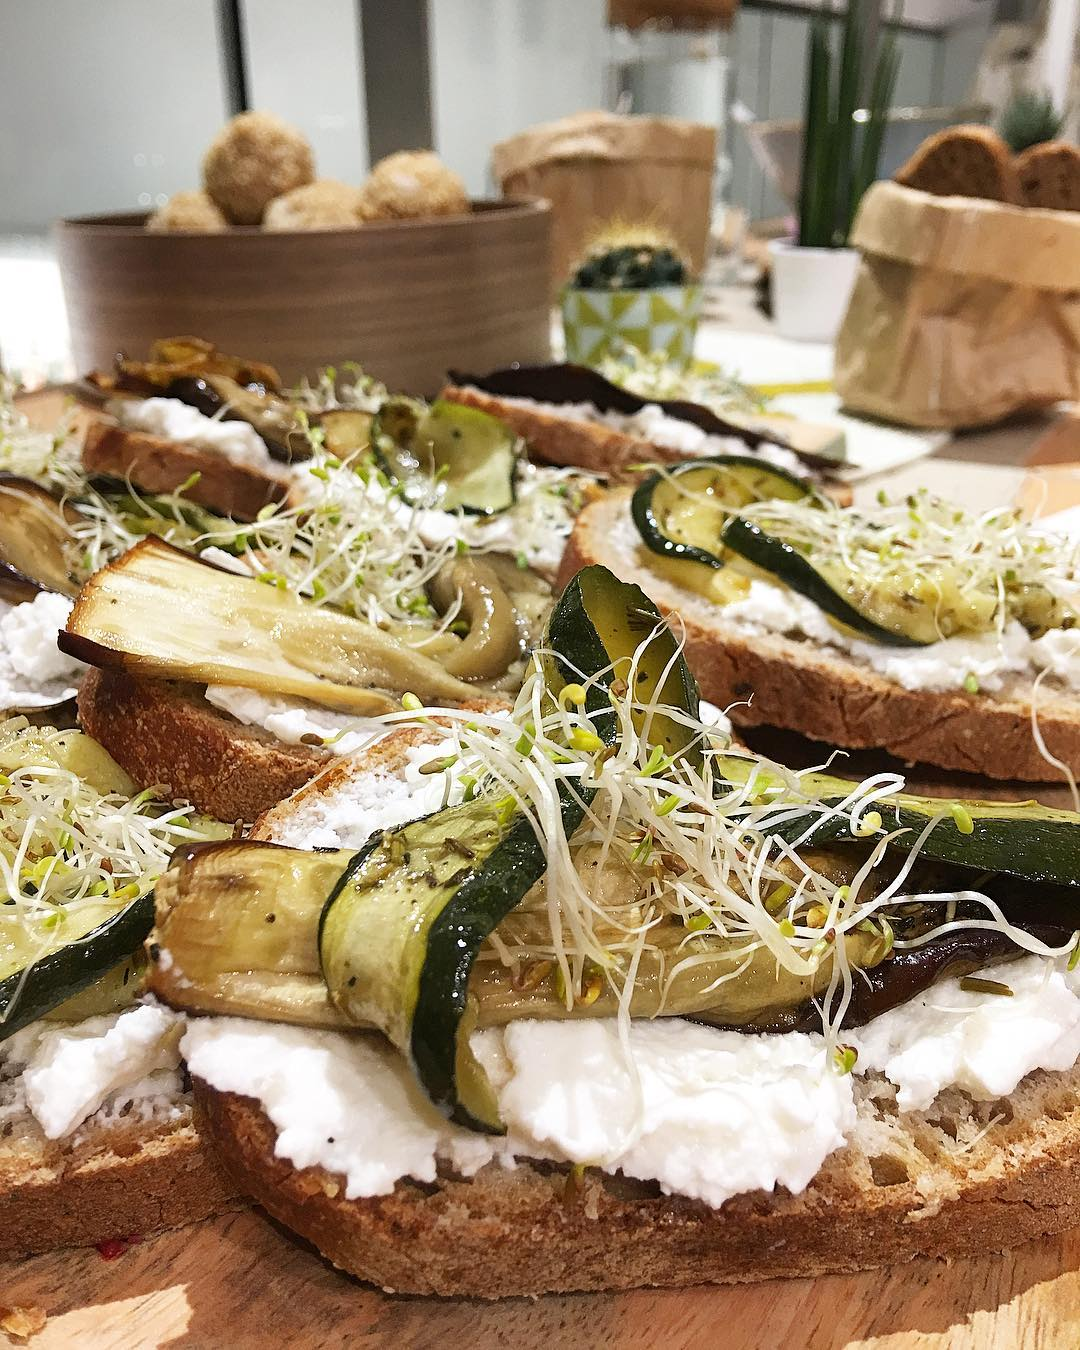 Cours de yoga chez @uniqlo_fr à #Montpellier ... et buffet #veggie de chez @joyhealthyfood ?? J'ai fait du bien à mon corps ✌?J'avoue c'était hyper bon... mais arrivée à la maison j'ai mangé de la pizza ? et bu des bières ?... volonté 0 ✔️ . . ➕ UNIQLO • Street Wear . ➕ JOY HEALTHY FOOD . ? Montpellier (34)?? .  _______________ #biendanstoncorps #joyhealthyfood #yoga #yogalife #healthyfood #healthylifestyle #uniqlo #uniqlomontpellier #streatwear